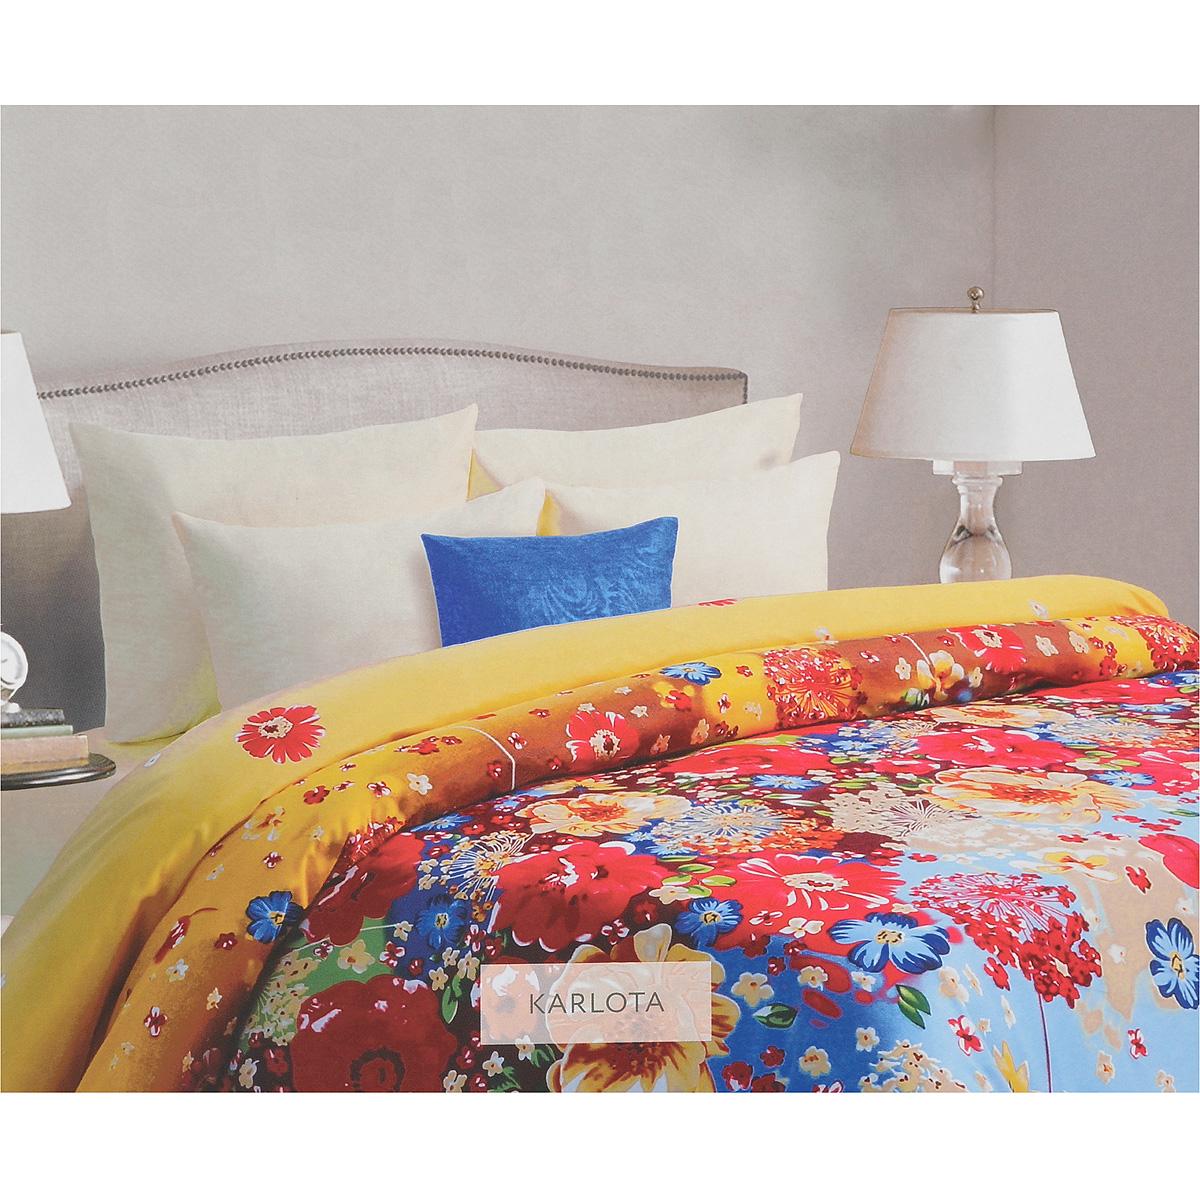 Комплект белья Mona Liza Karlota, 2-спальный, наволочки 50х70, цвет: желтый, голубой. 562205/5562205/5Комплект белья Mona Liza Karlota, выполненный из батиста (100% хлопок), состоит из пододеяльника, простыни и двух наволочек. Изделия оформлены красивым цветочным рисунком. Батист - тонкая, легкая натуральная ткань полотняного переплетения. Ткань с незначительной сминаемостью, хорошо сохраняющая цвет при стирке, легкая, с прекрасными гигиеническими показателями. В комплект входит: Пододеяльник - 1 шт. Размер: 175 см х 210 см. Простыня - 1 шт. Размер: 215 см х 240 см. Наволочка - 2 шт. Размер: 50 см х 70 см. Рекомендации по уходу: - Ручная и машинная стирка 40°С, - Гладить при температуре не более 150°С, - Не использовать хлорсодержащие средства, - Щадящая сушка, - Не подвергать химчистке.